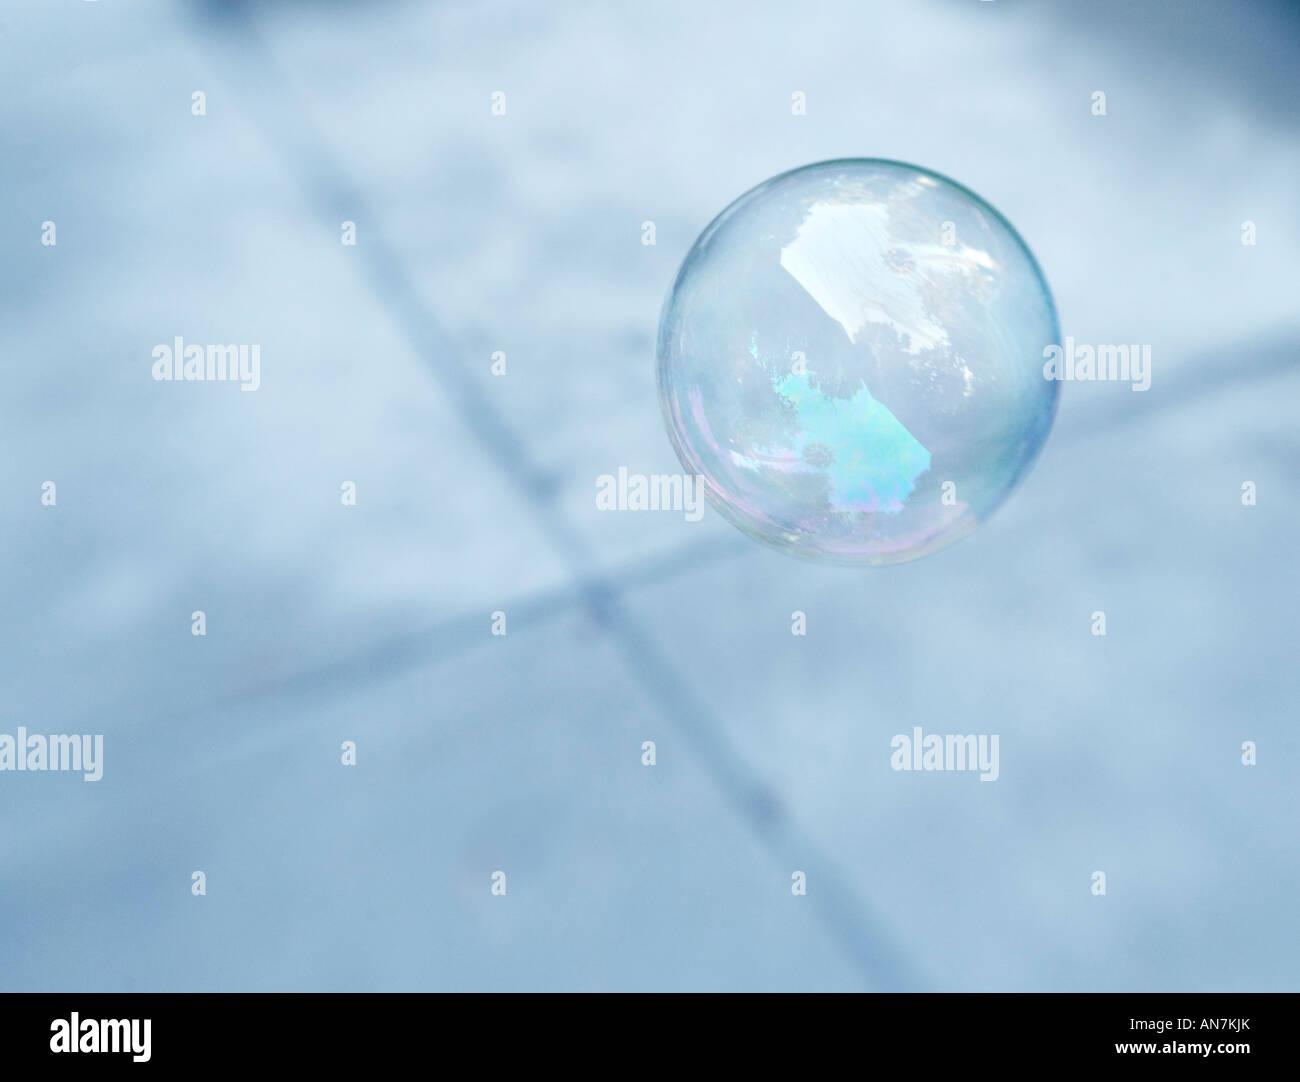 Burbuja flotante hecha de soap sobre x patrón Imagen De Stock